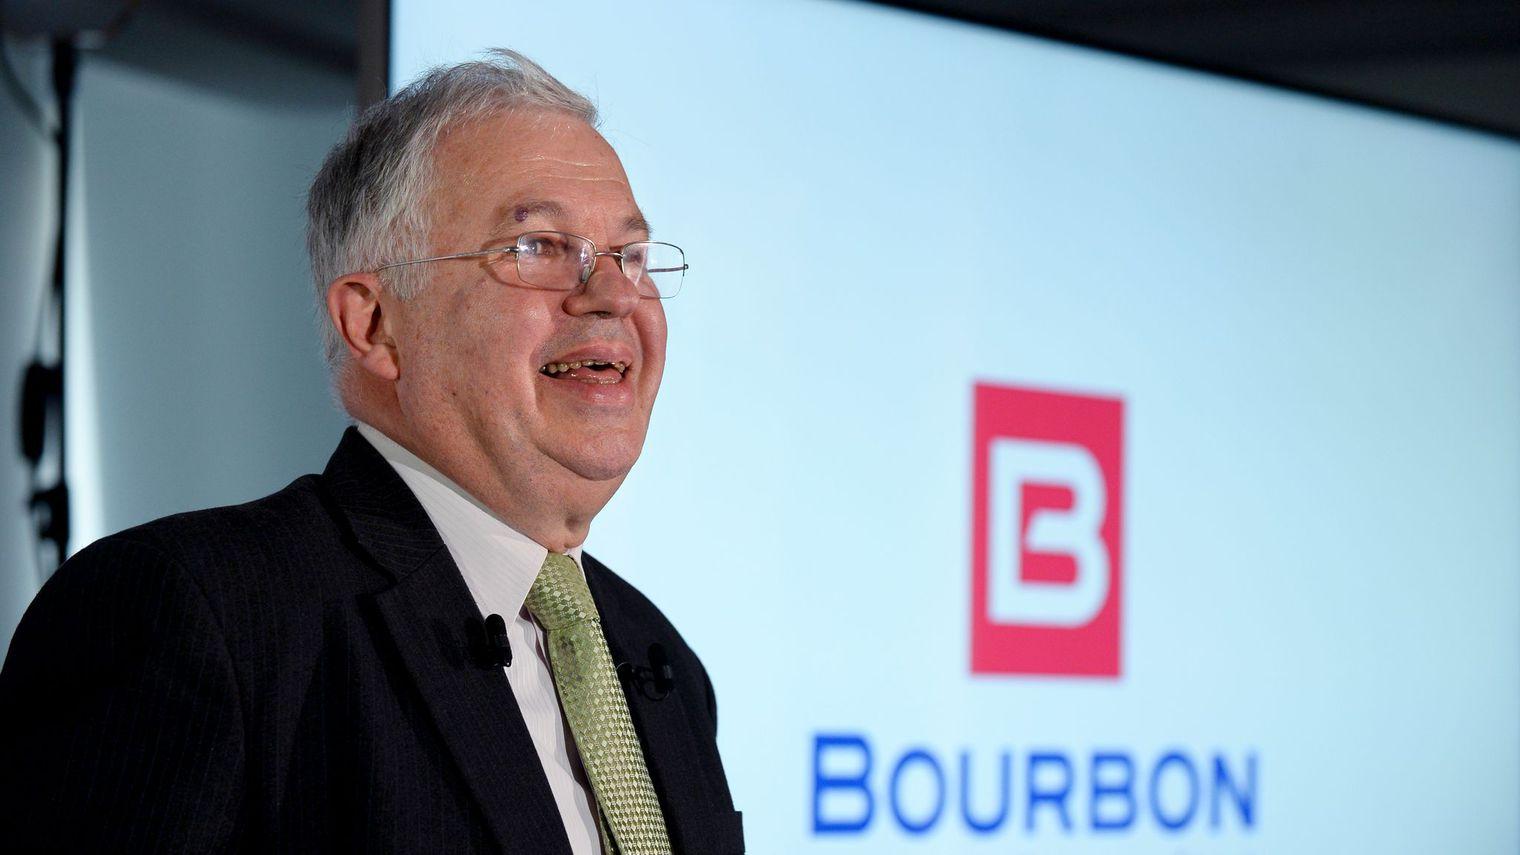 Jacques d'Armand de Châteauvieux, première fortune de La Réunion et ptron du groupe Bourbon ©Eric Piermont / AFP